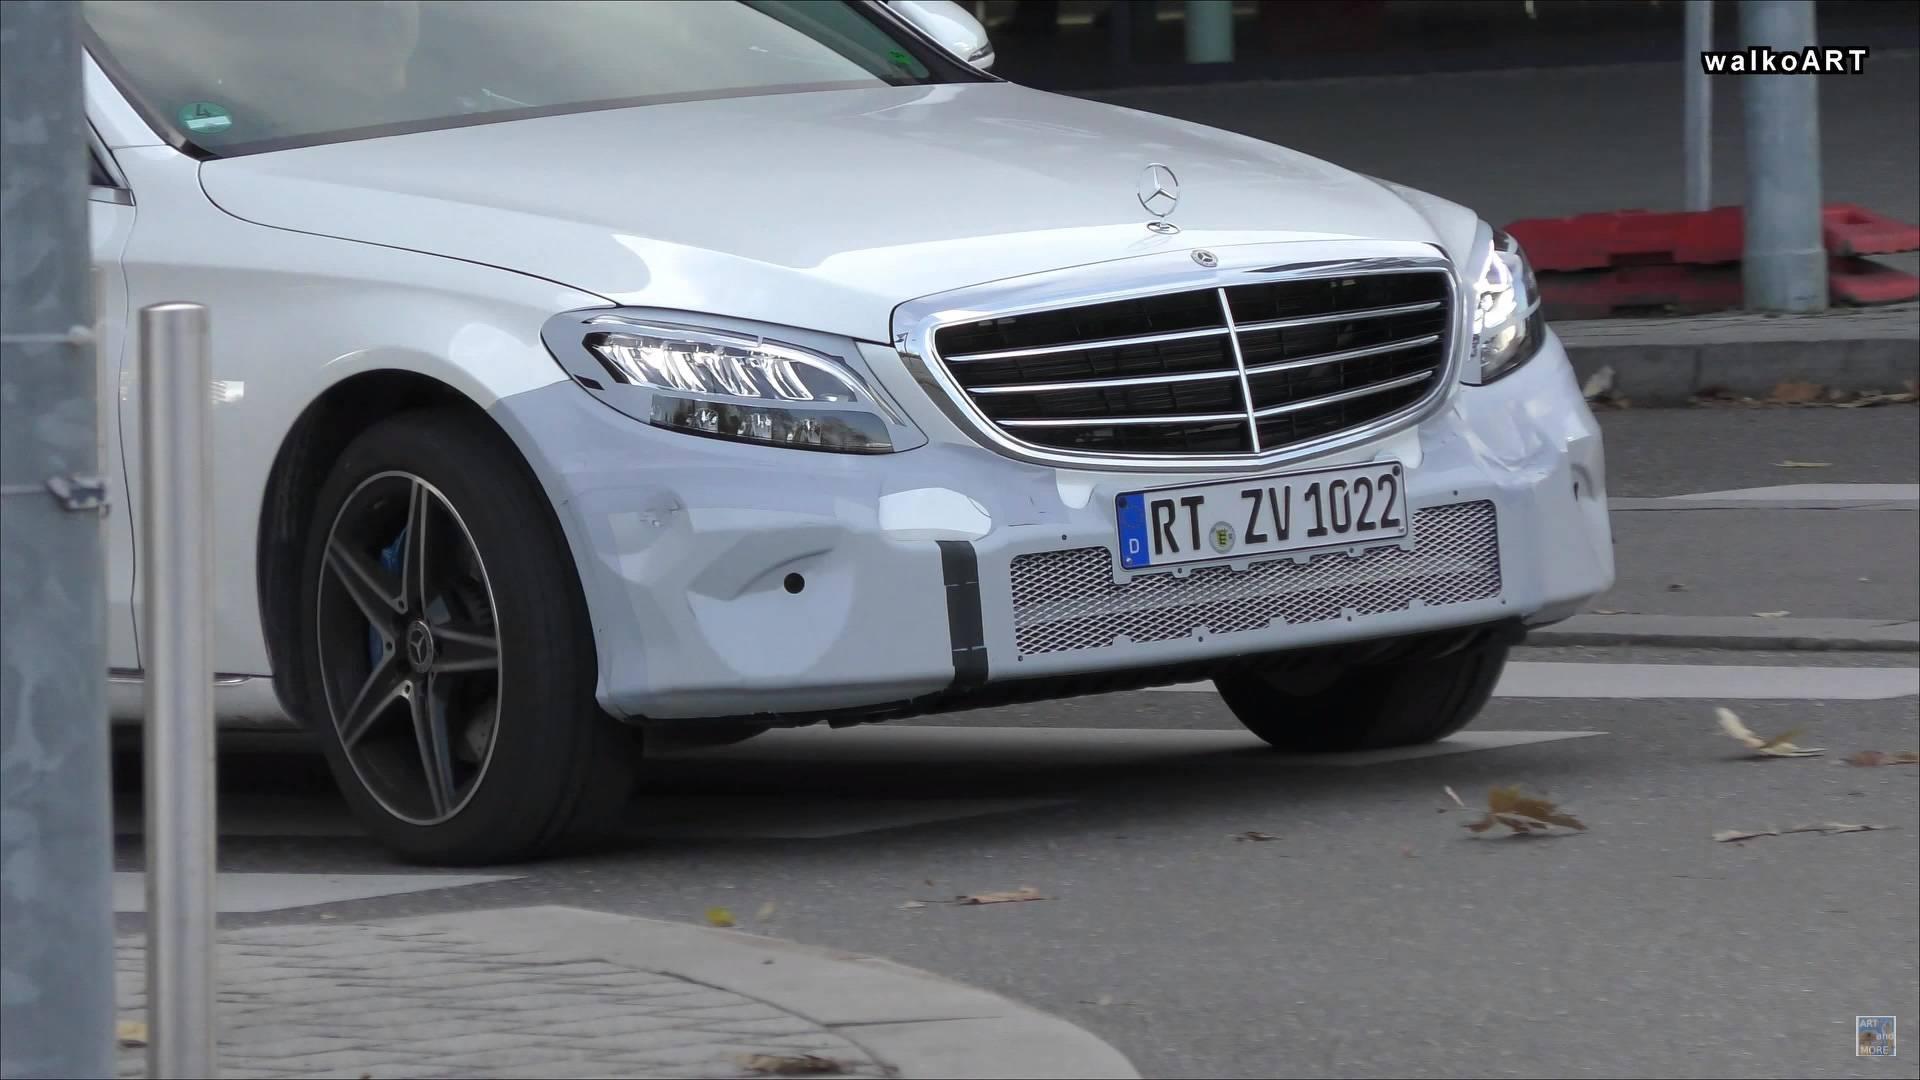 Restilizacija Mercedes-Benzu C klase donosi prestižniji izgled